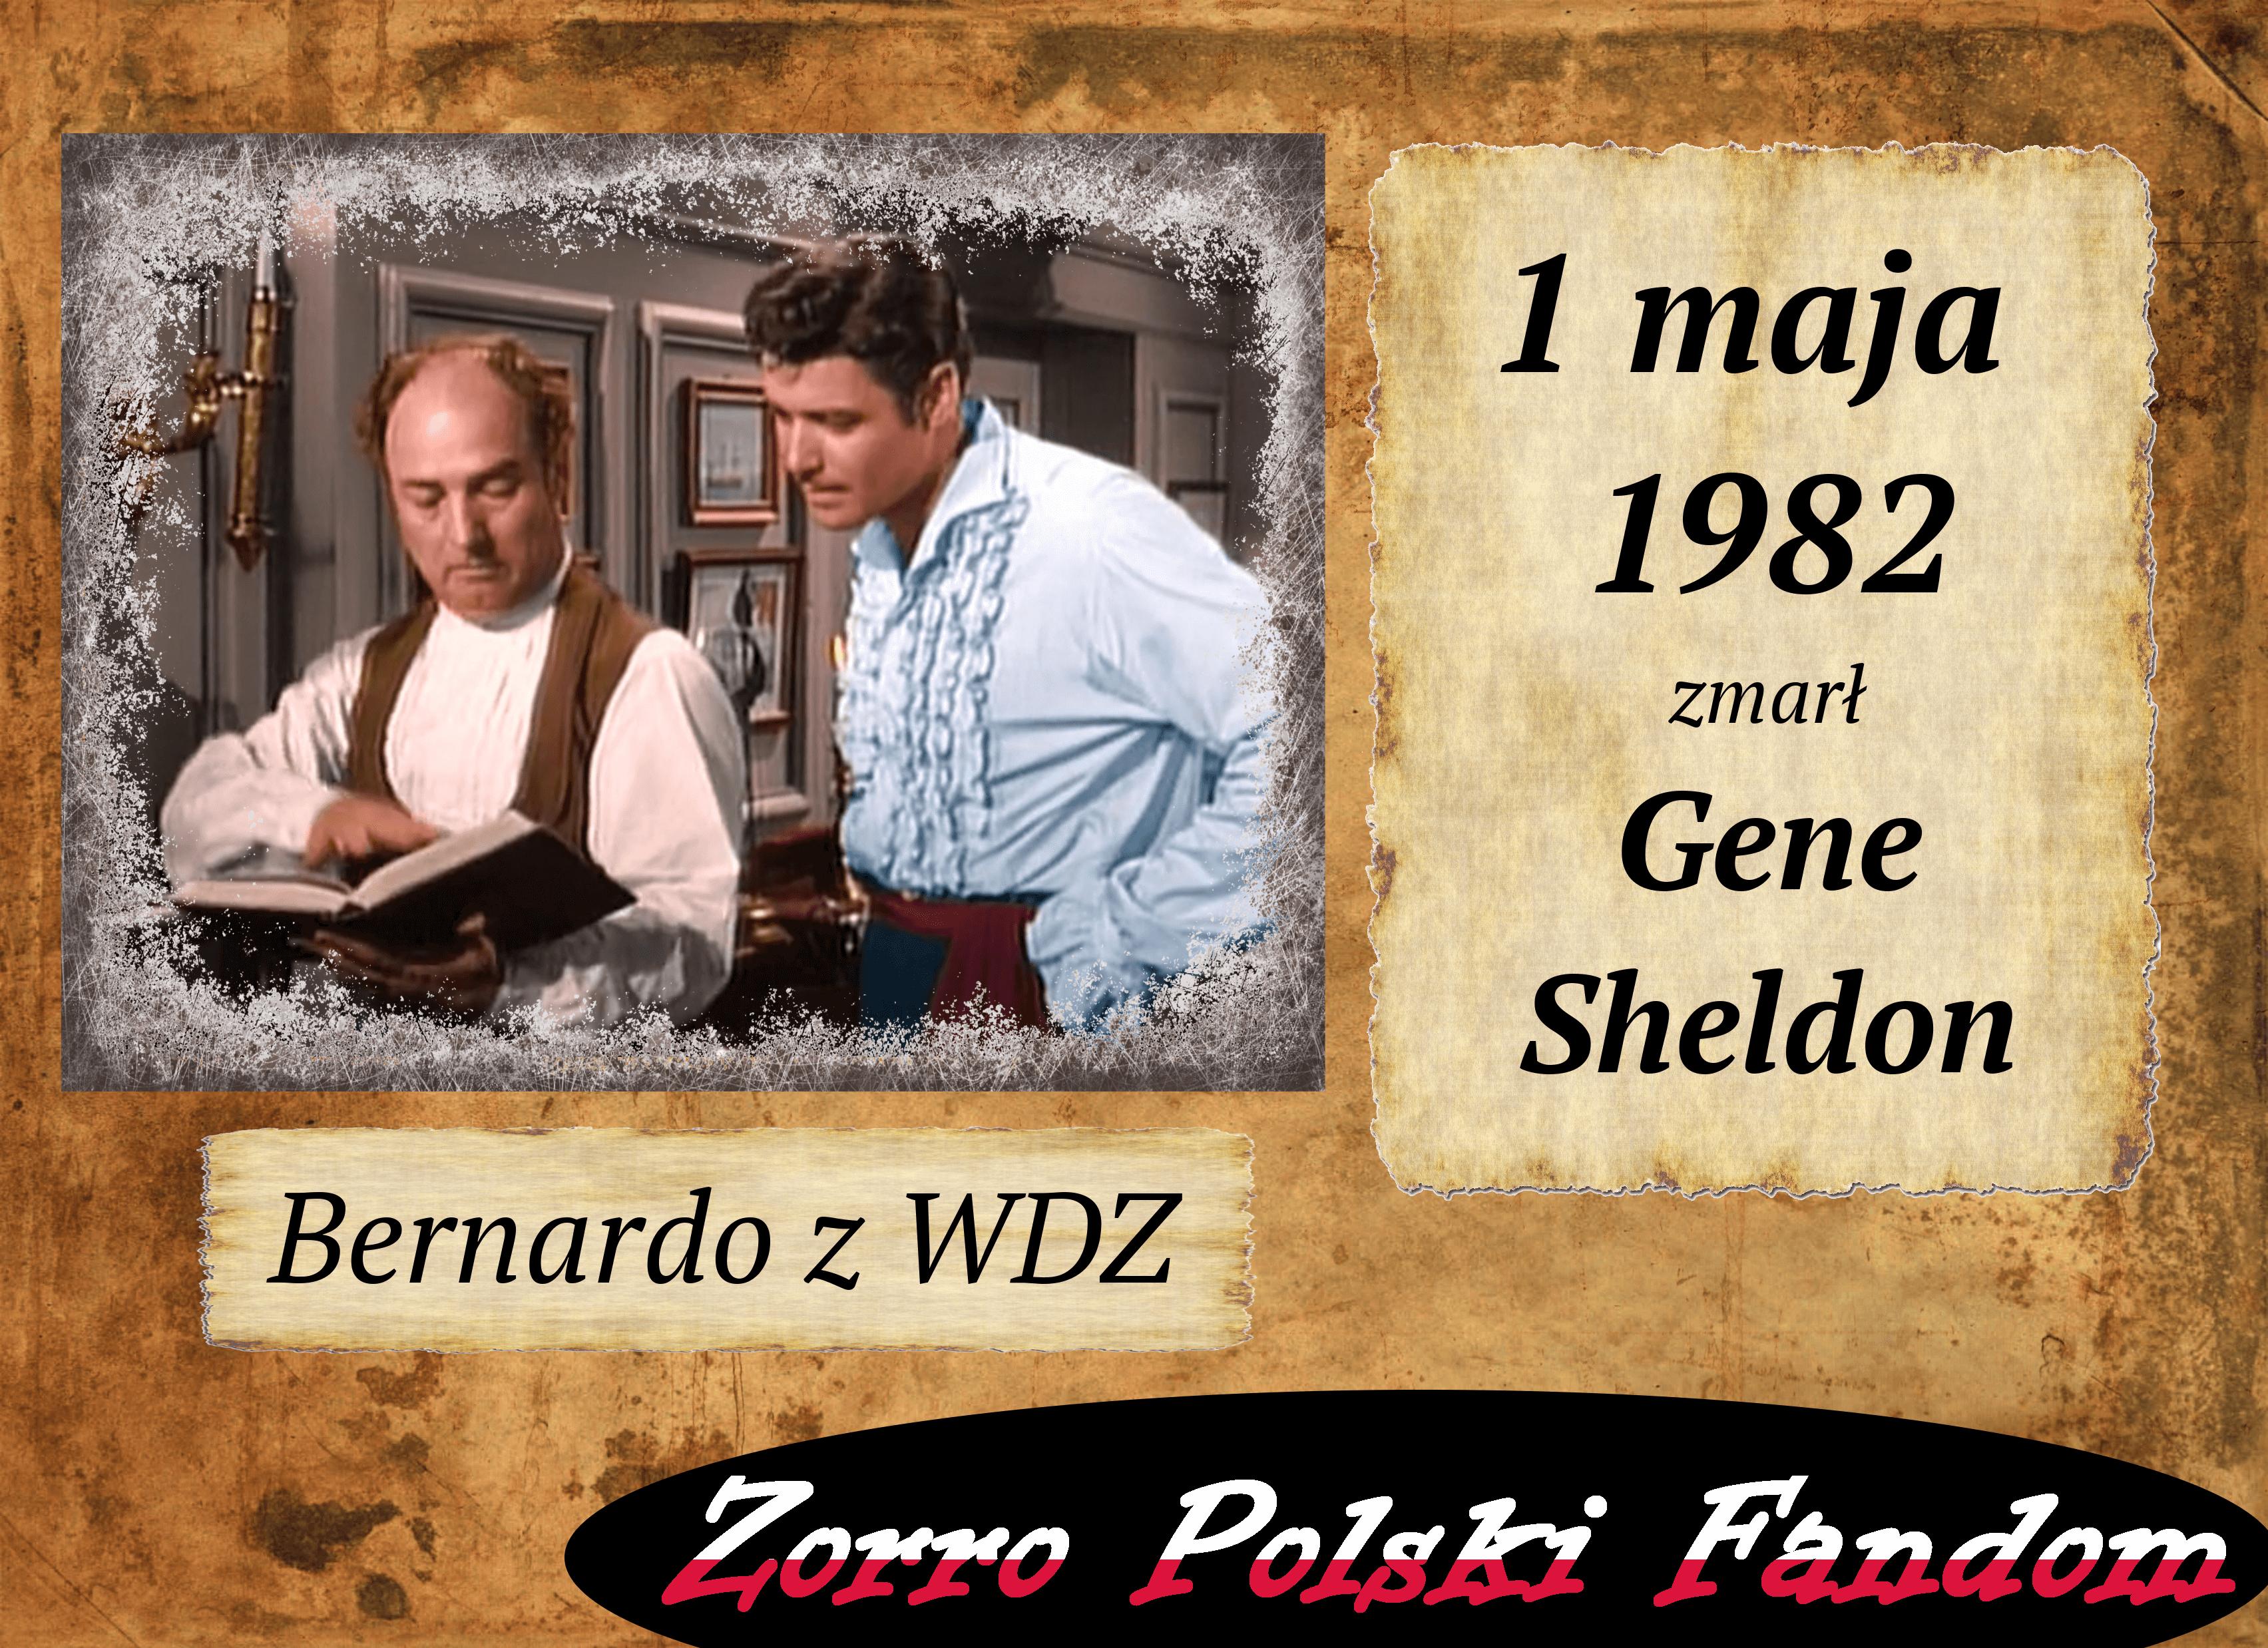 1 maja zm. Gene Sheldon PL Bernardo Zorro